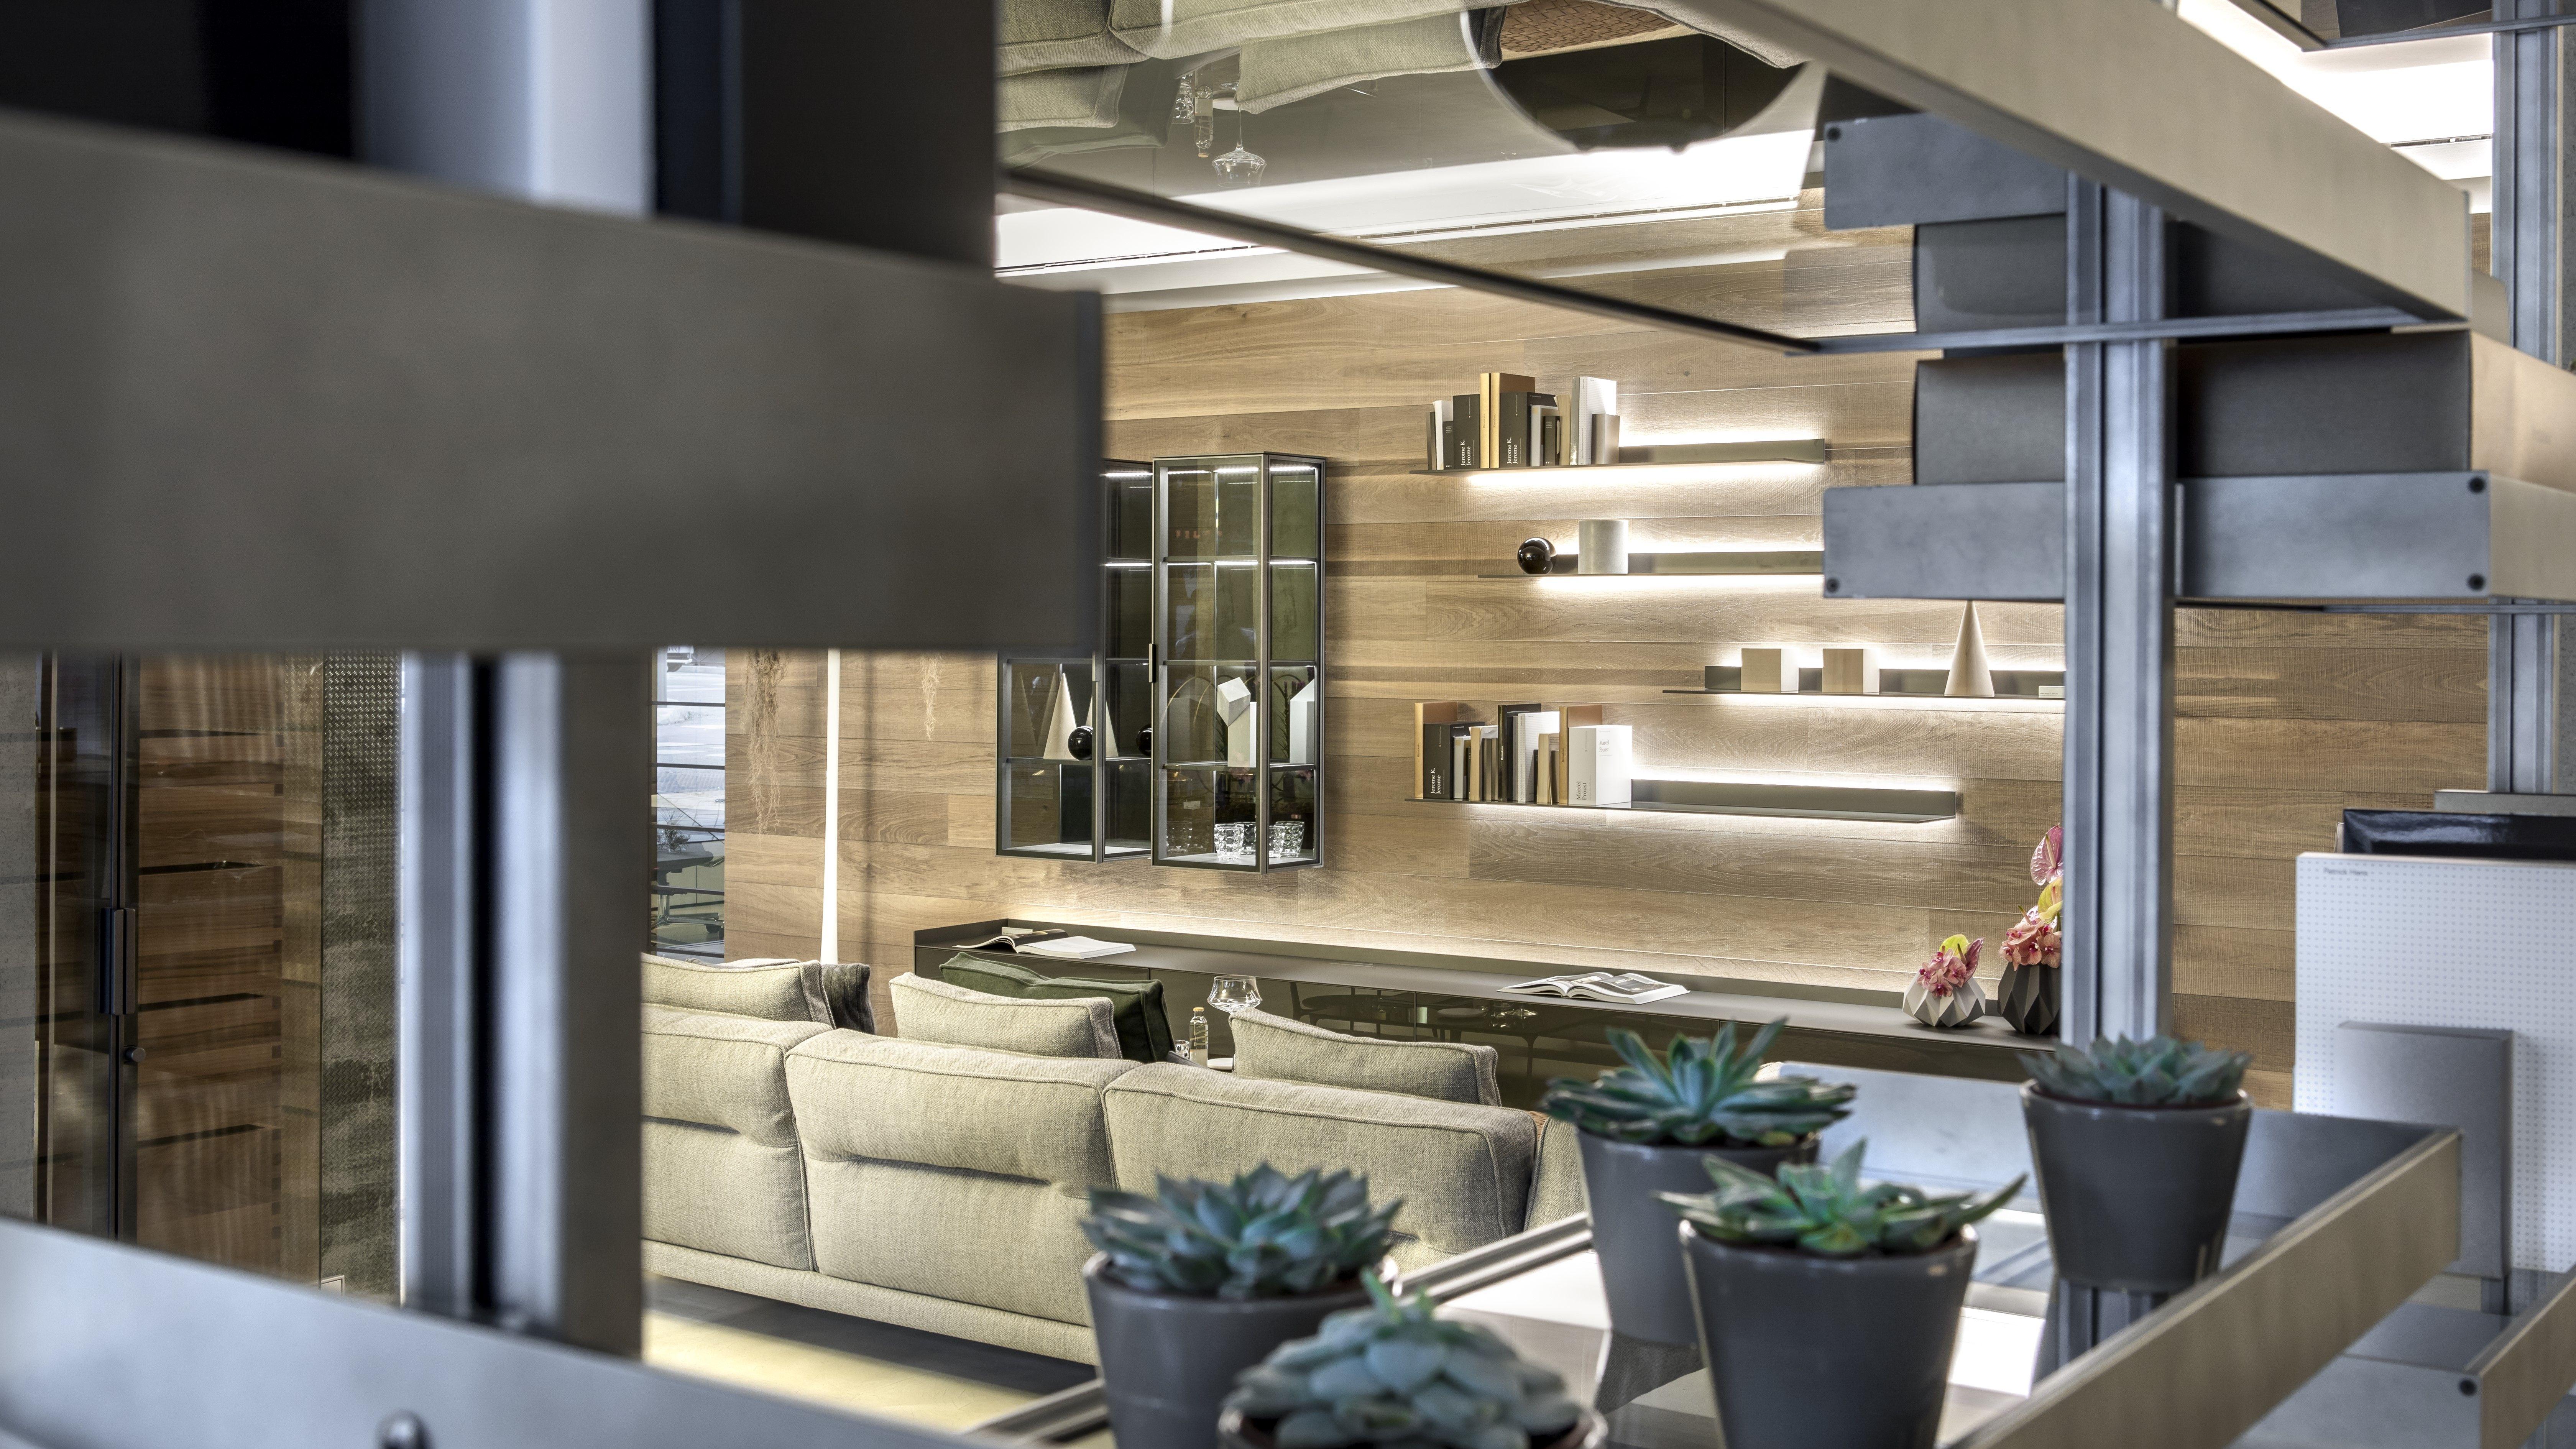 Concepto abierto: claves para fusionar cocina y salón